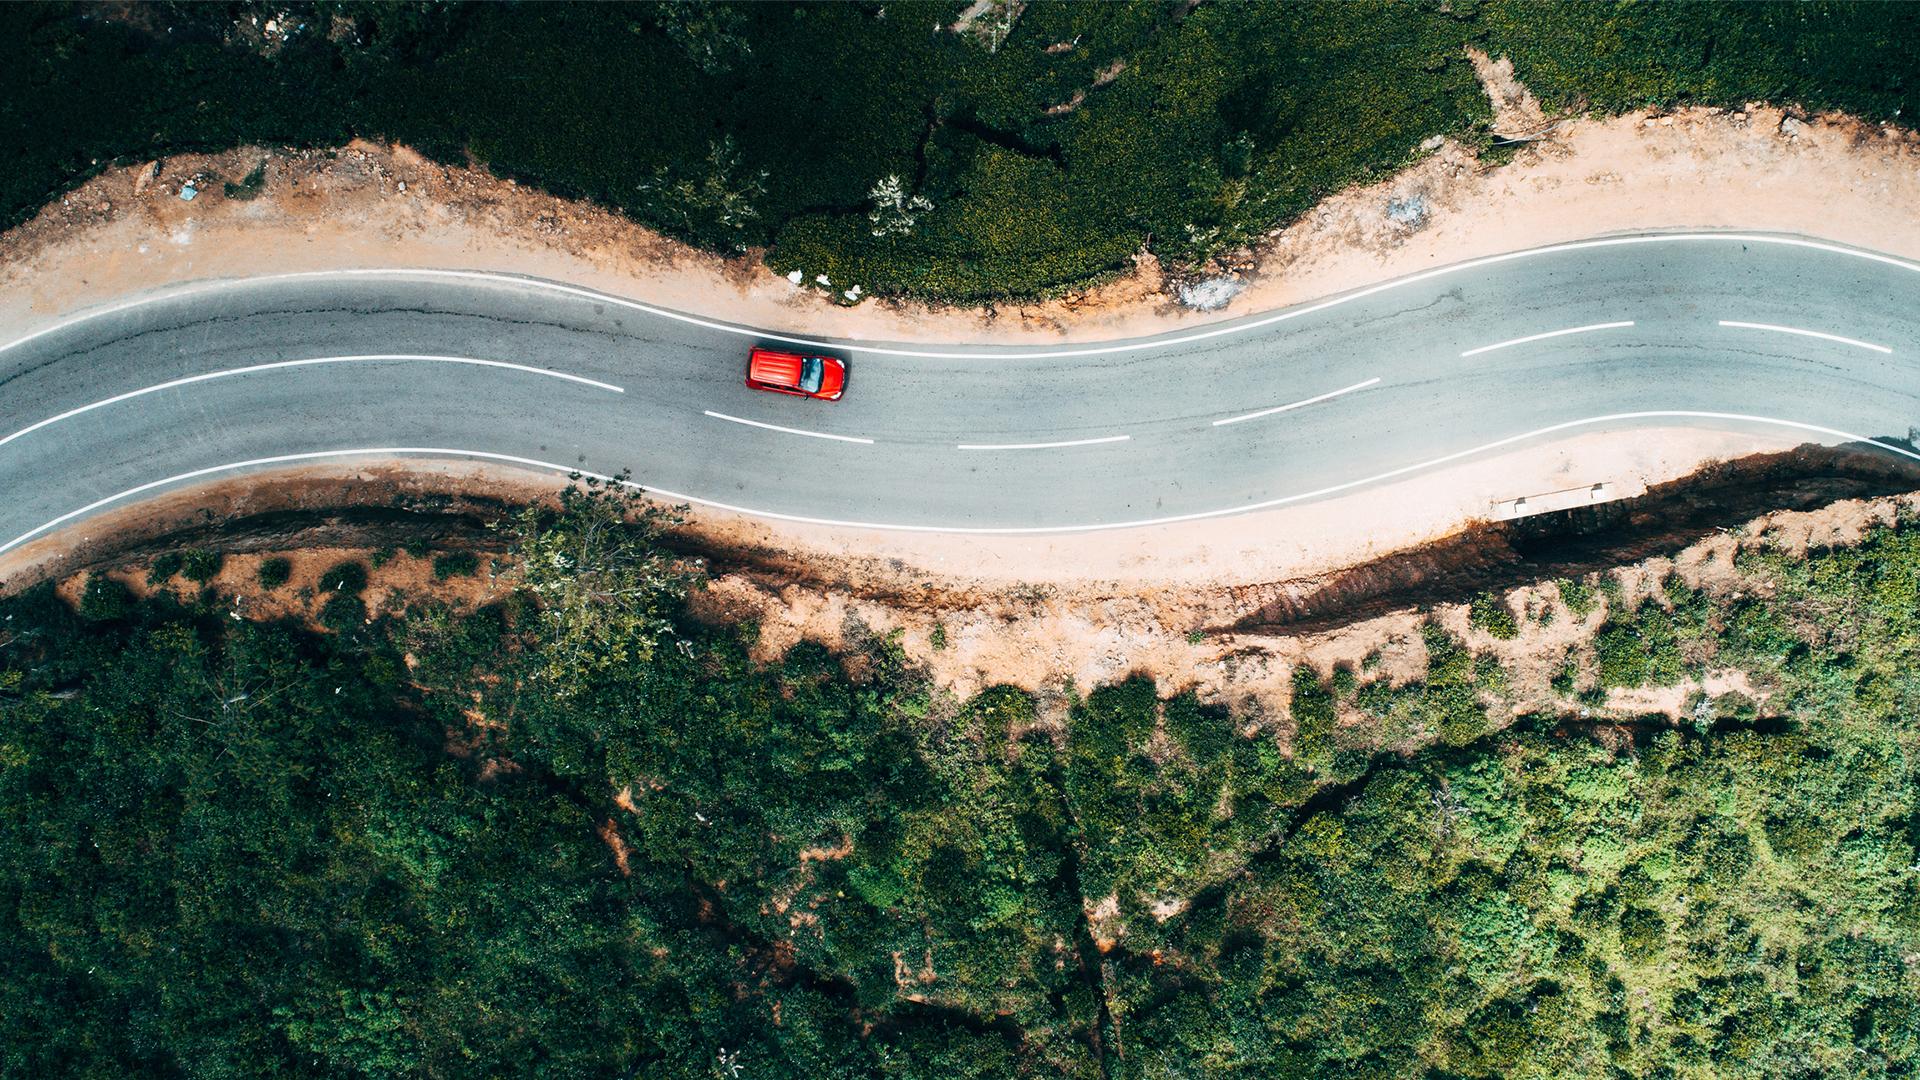 Automobil auf eine Serpentine Autozubehör Car on a road